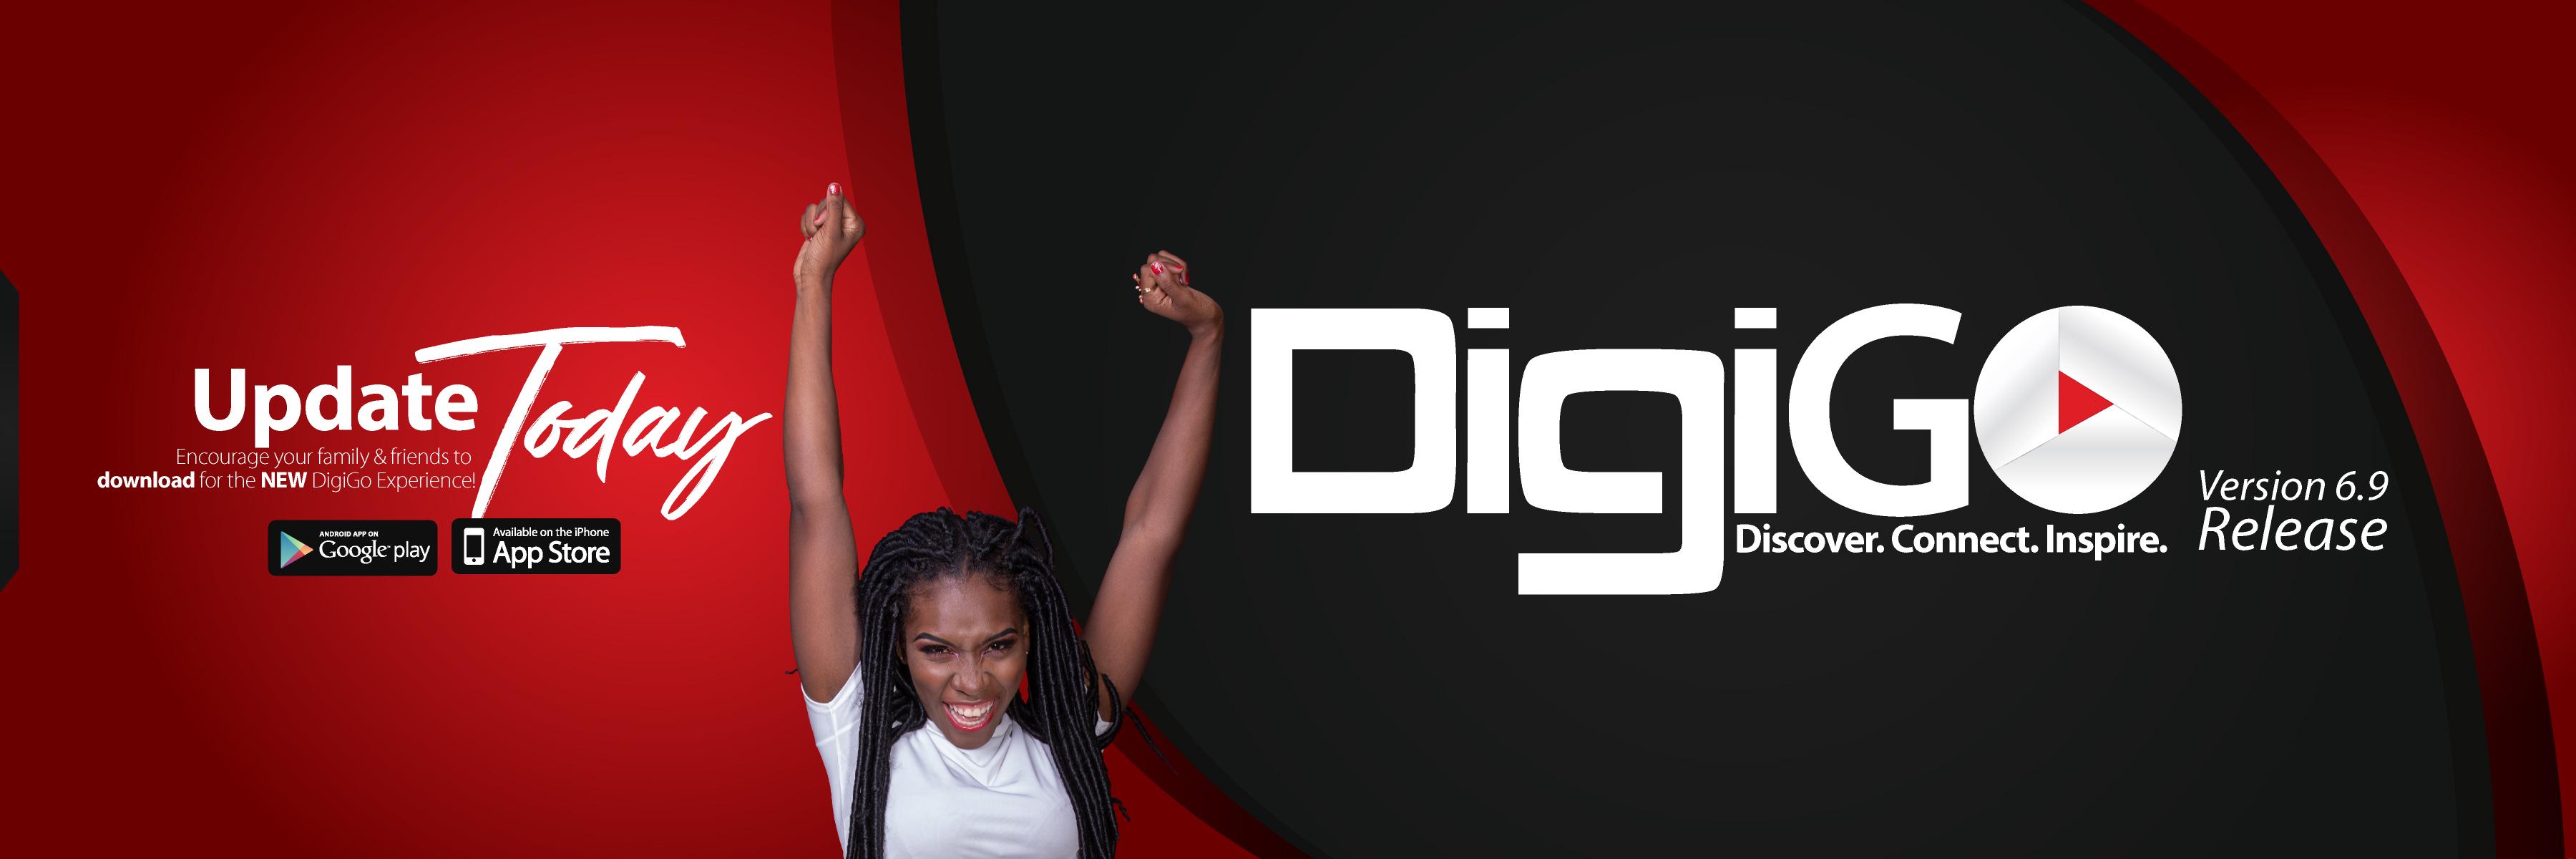 DigiGo App